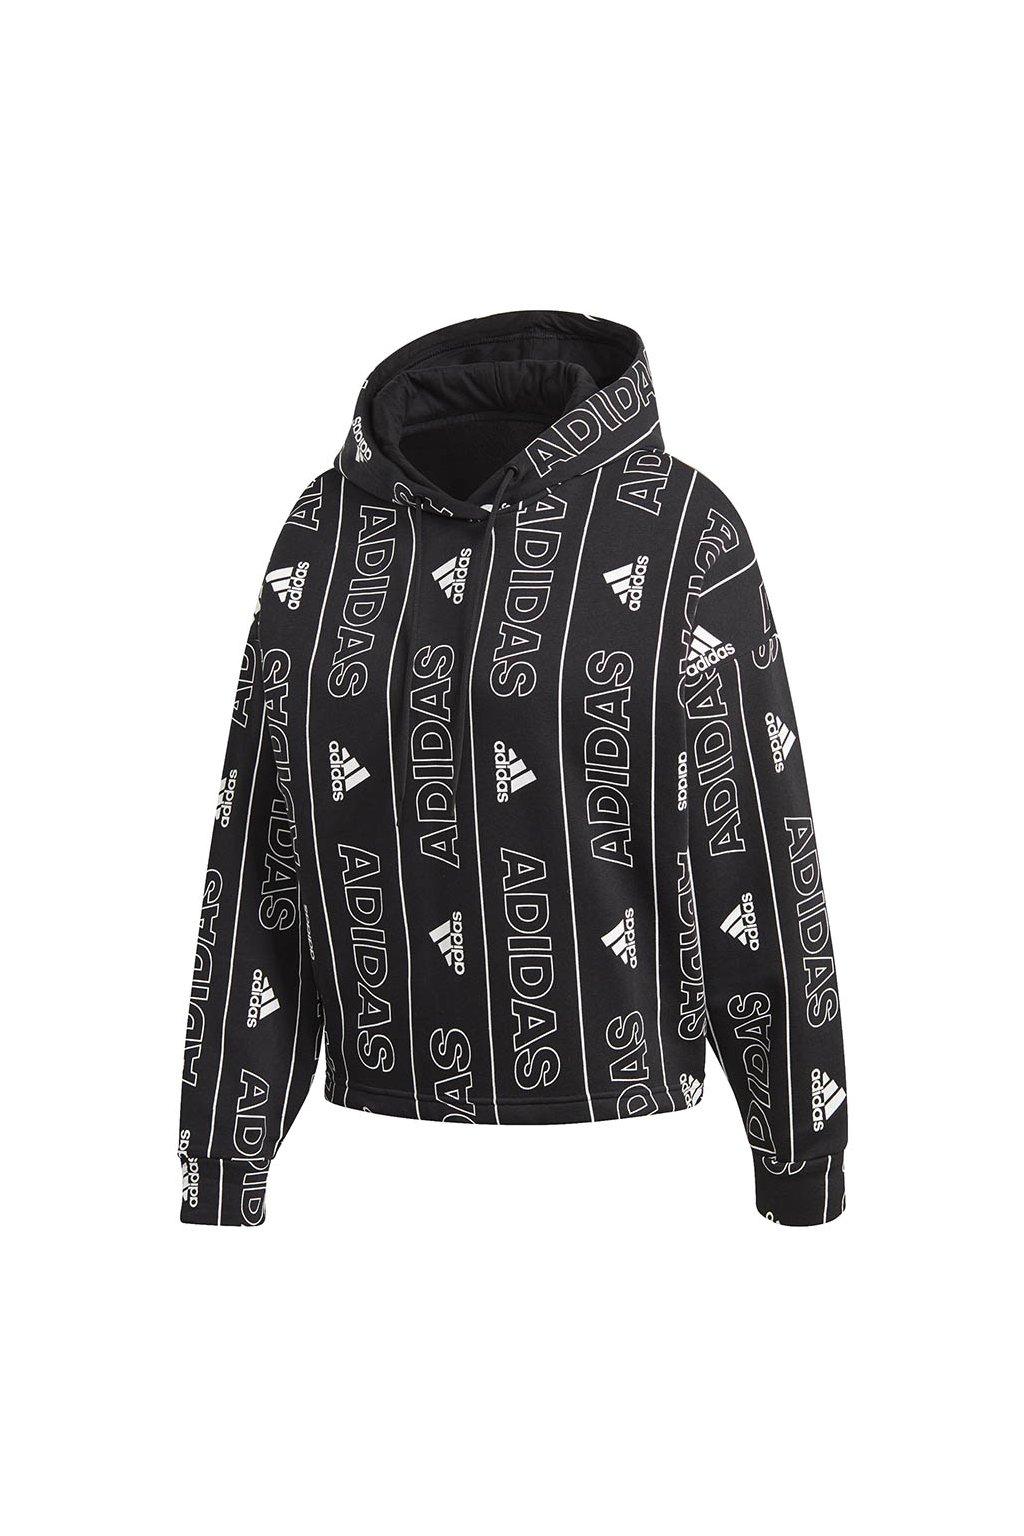 Dámska mikina adidas bos Aop Oh Hd FR5103 čierna